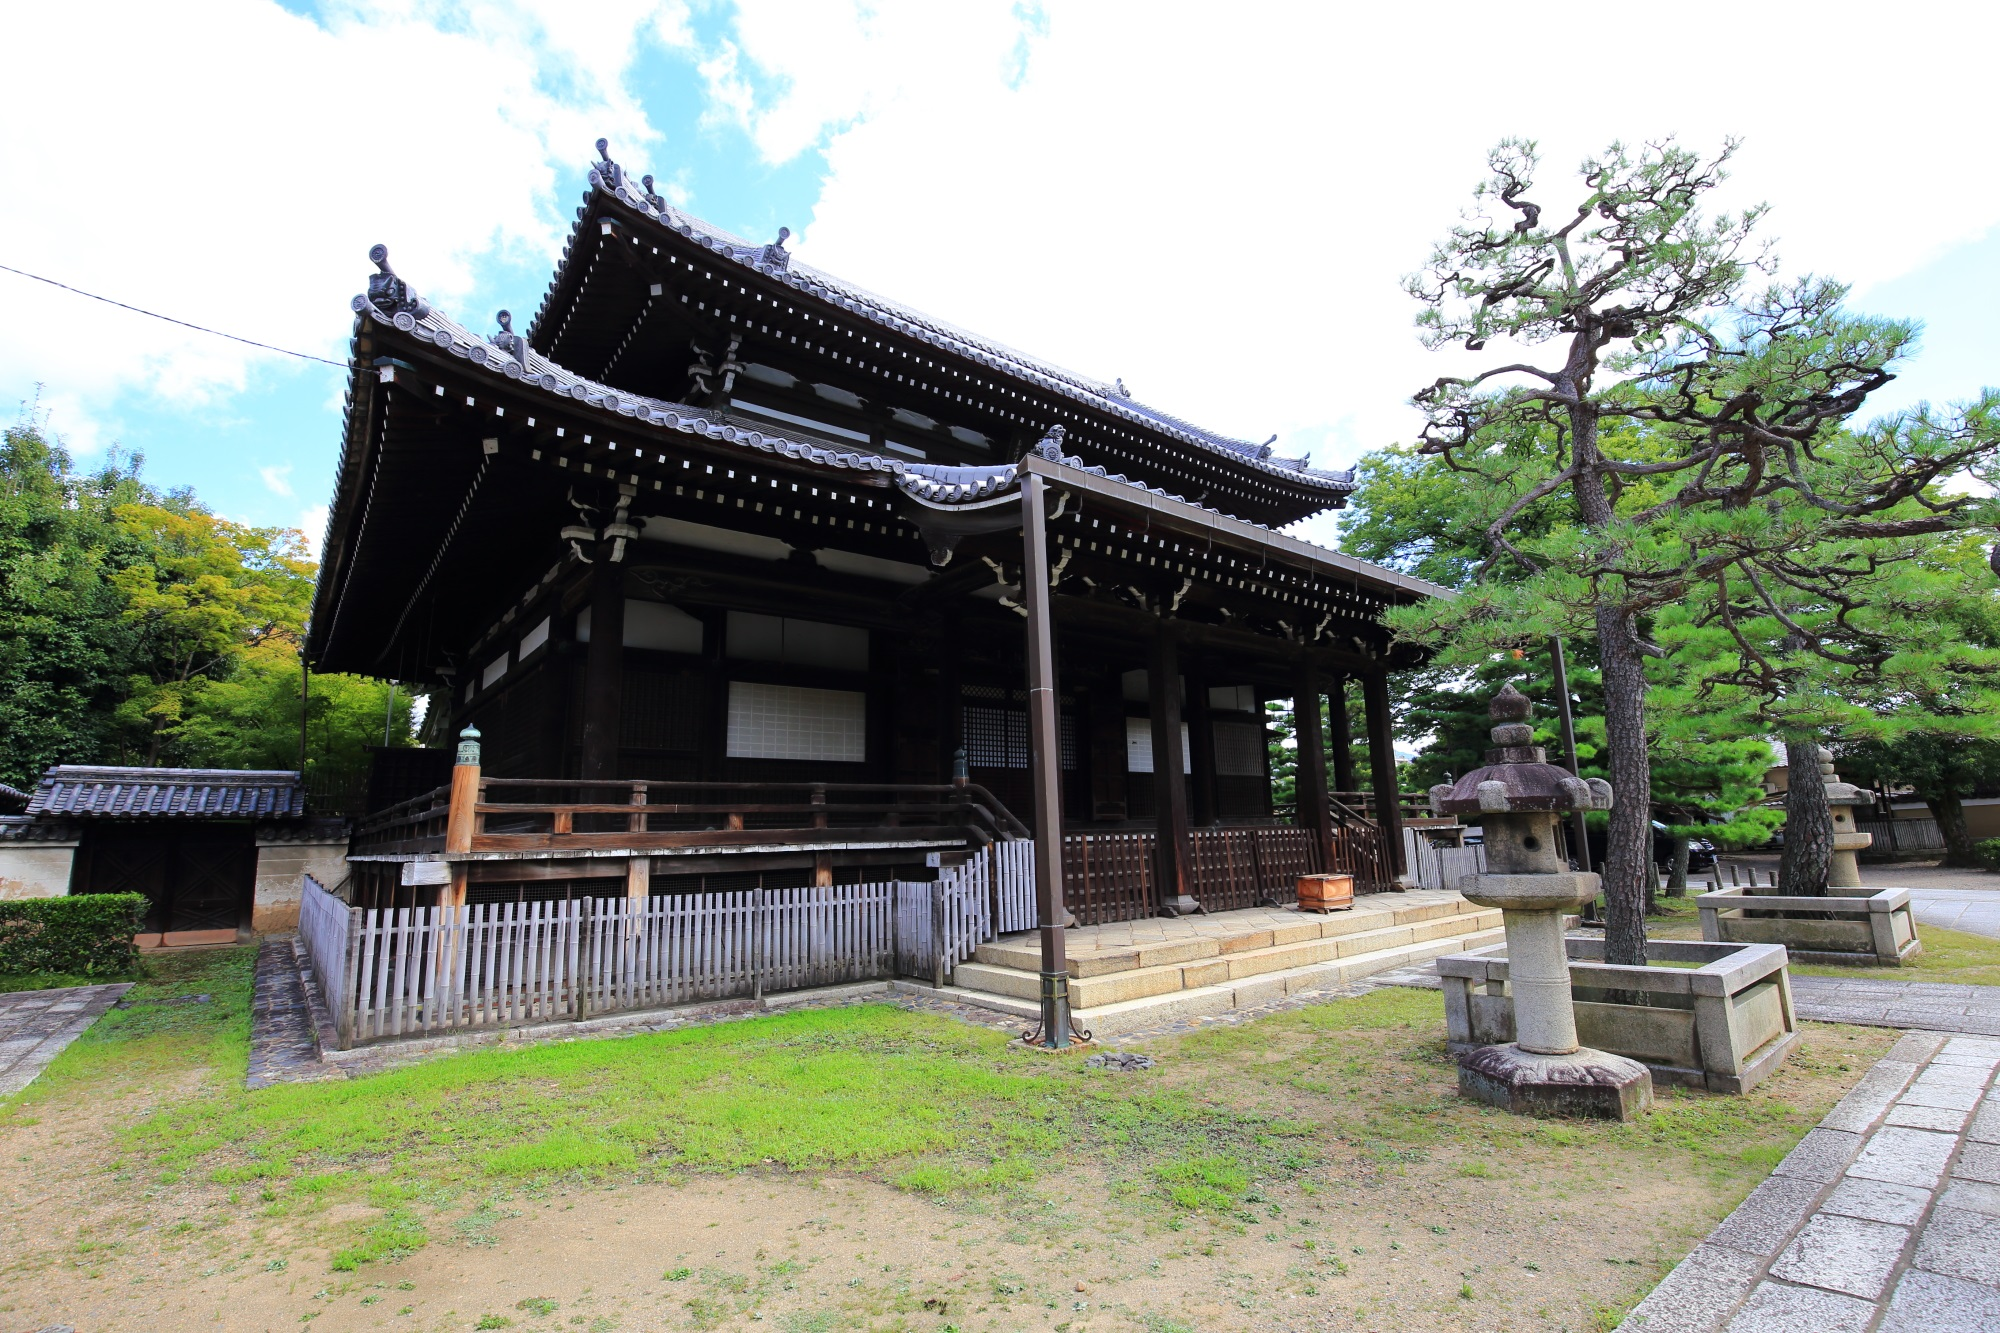 浄福寺 本堂 2015年8月